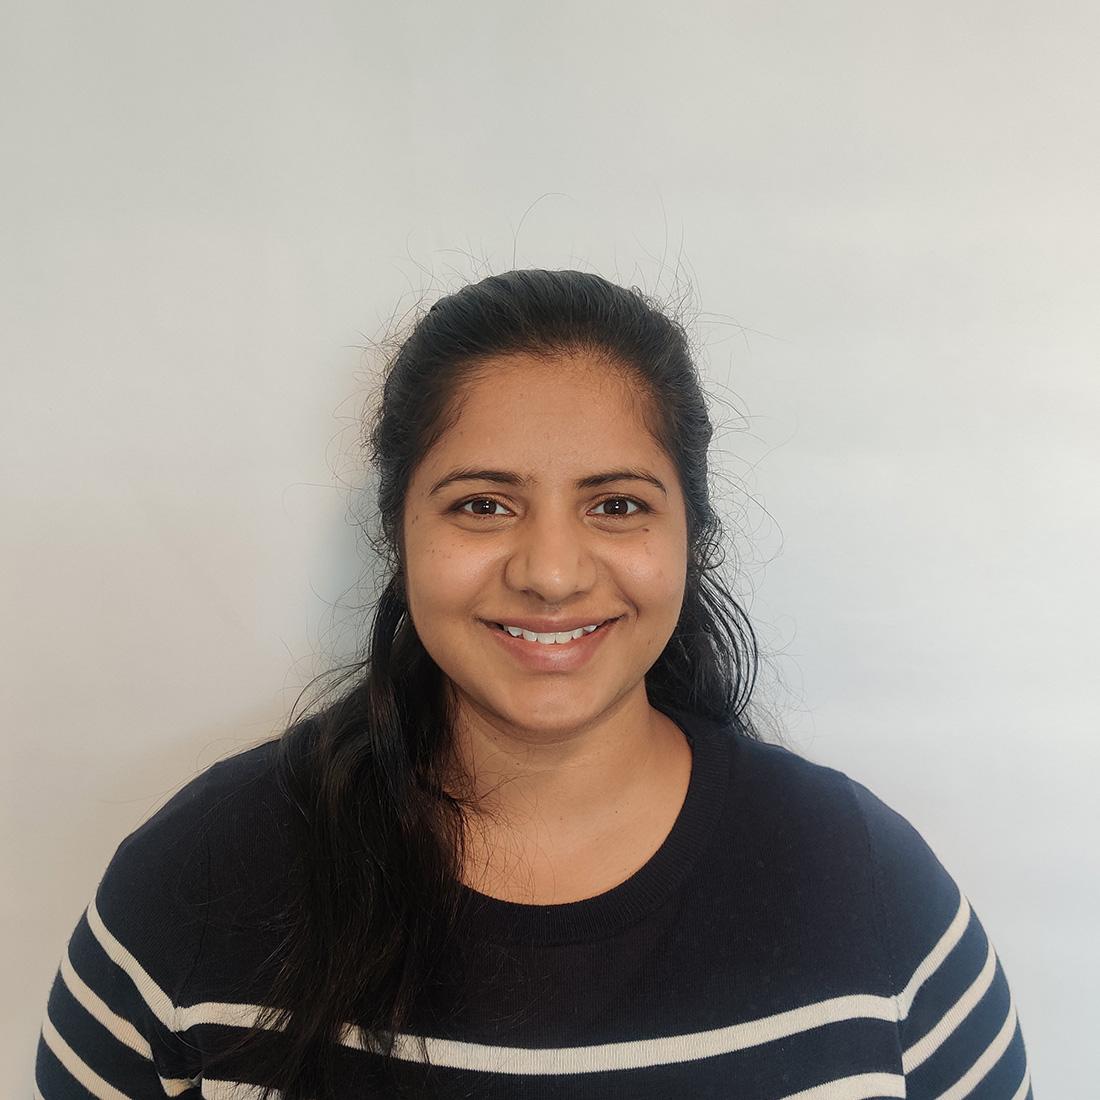 Sujeetha Jayaprakash